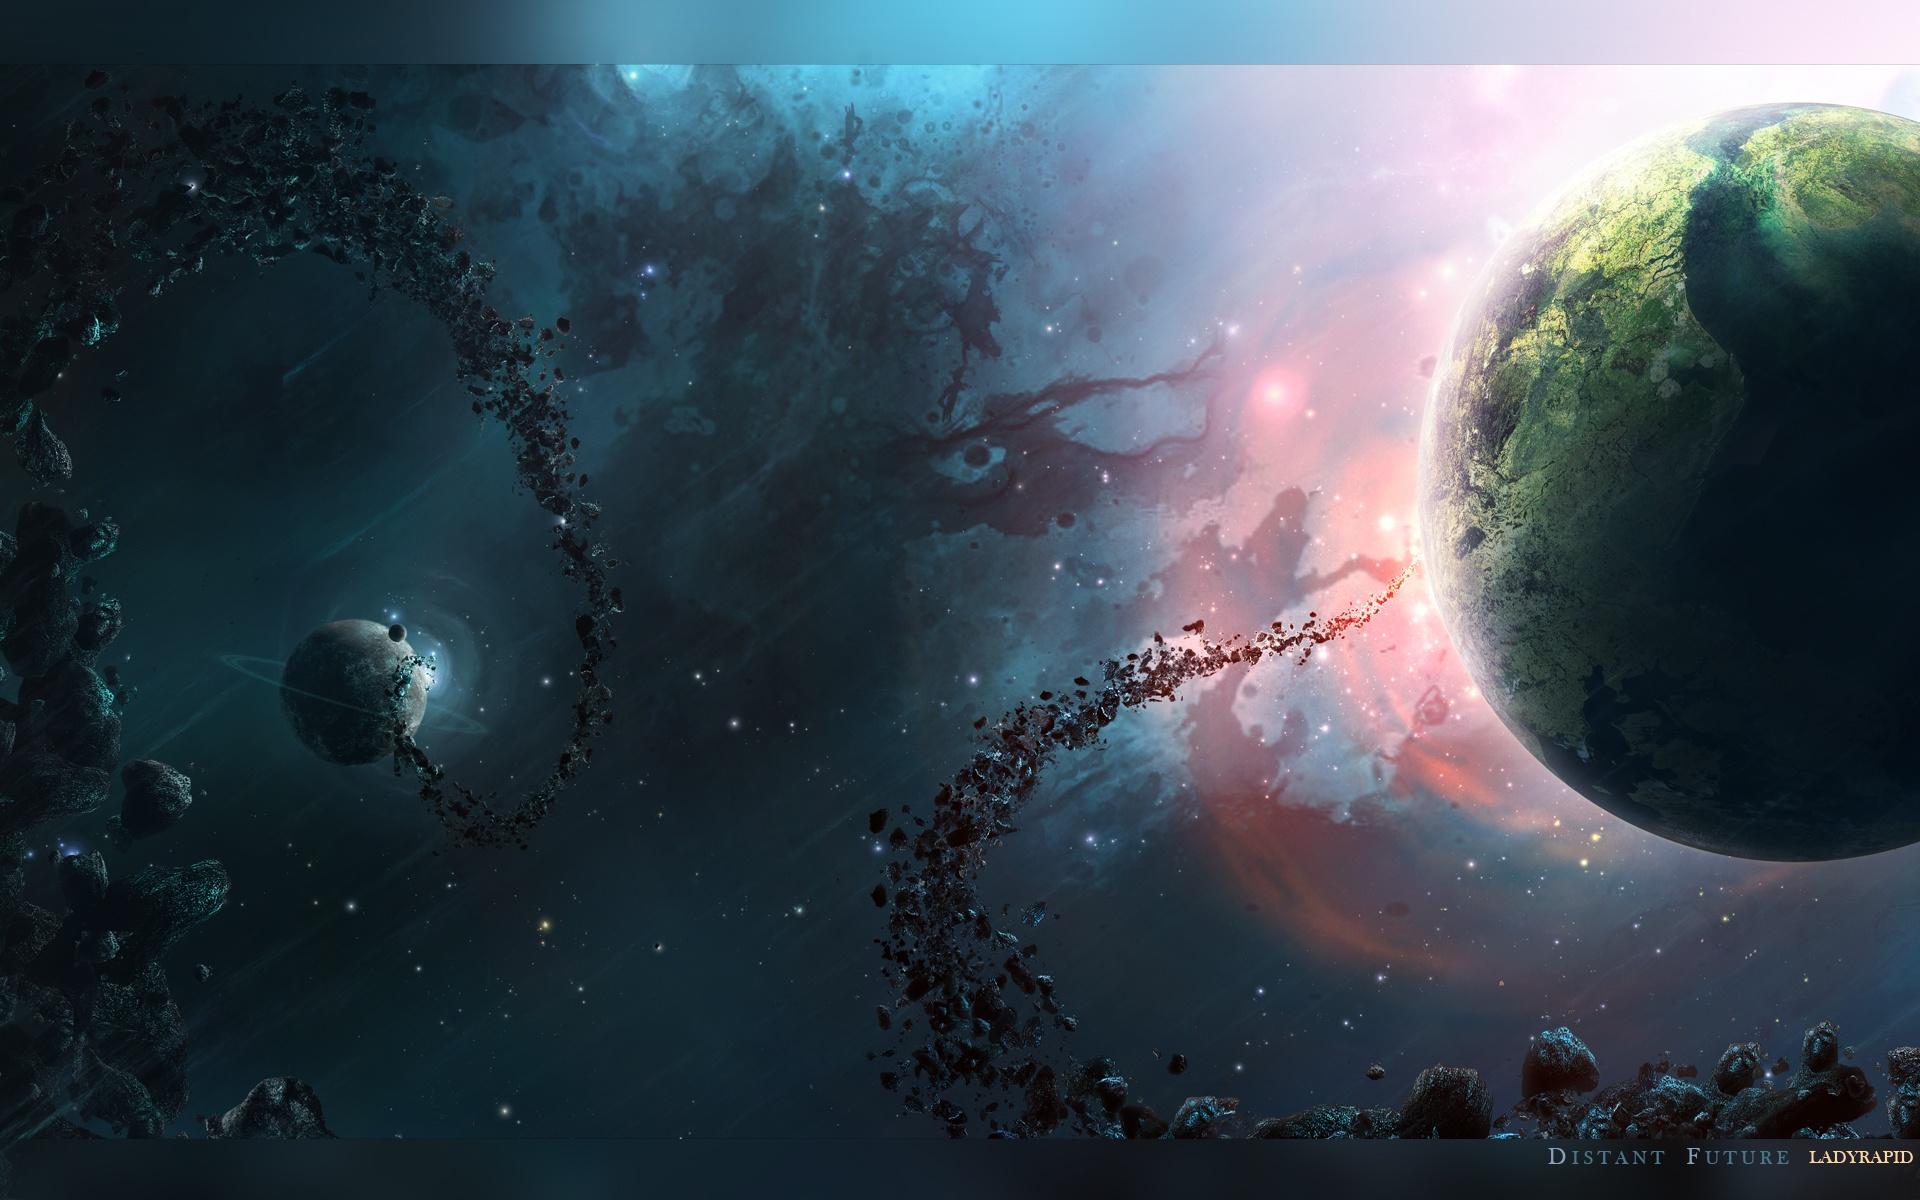 Nebula Universe HD Wallpaper 1920x1200